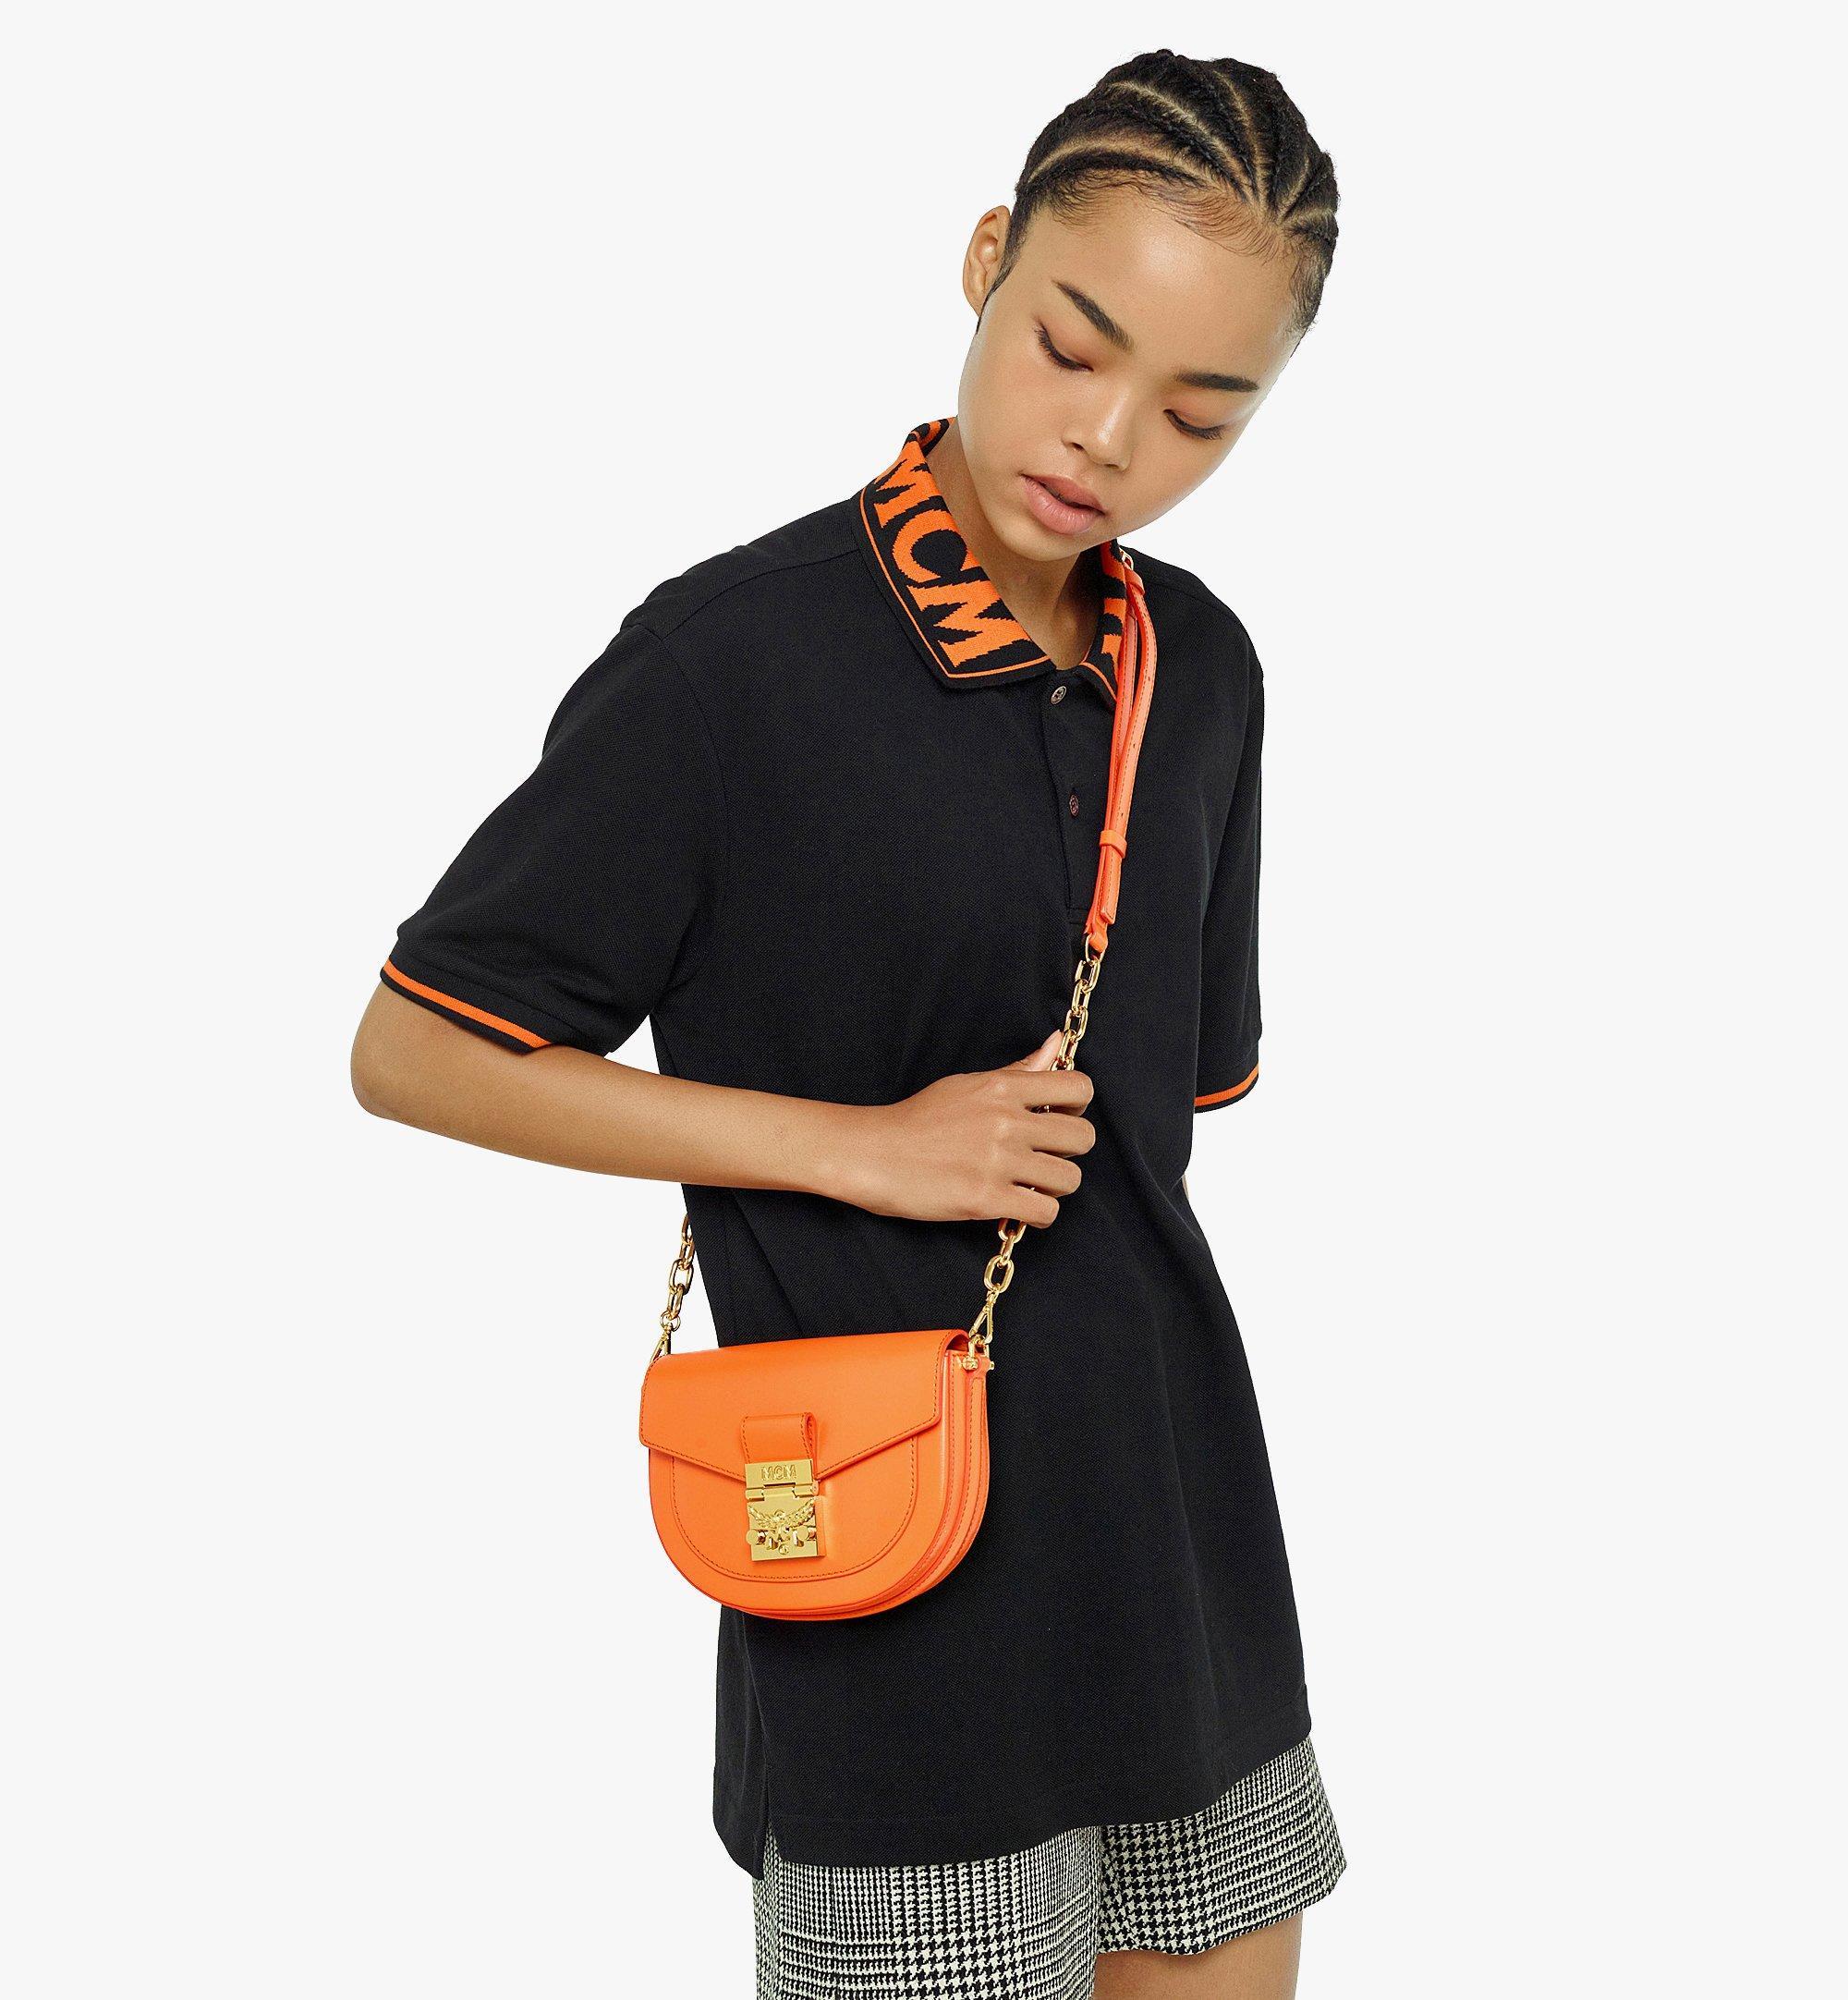 MCM PatriciaCrossbody-Tasche aus geprägtem spanischen Leder Orange MWRBAPA01O9001 Noch mehr sehen 2